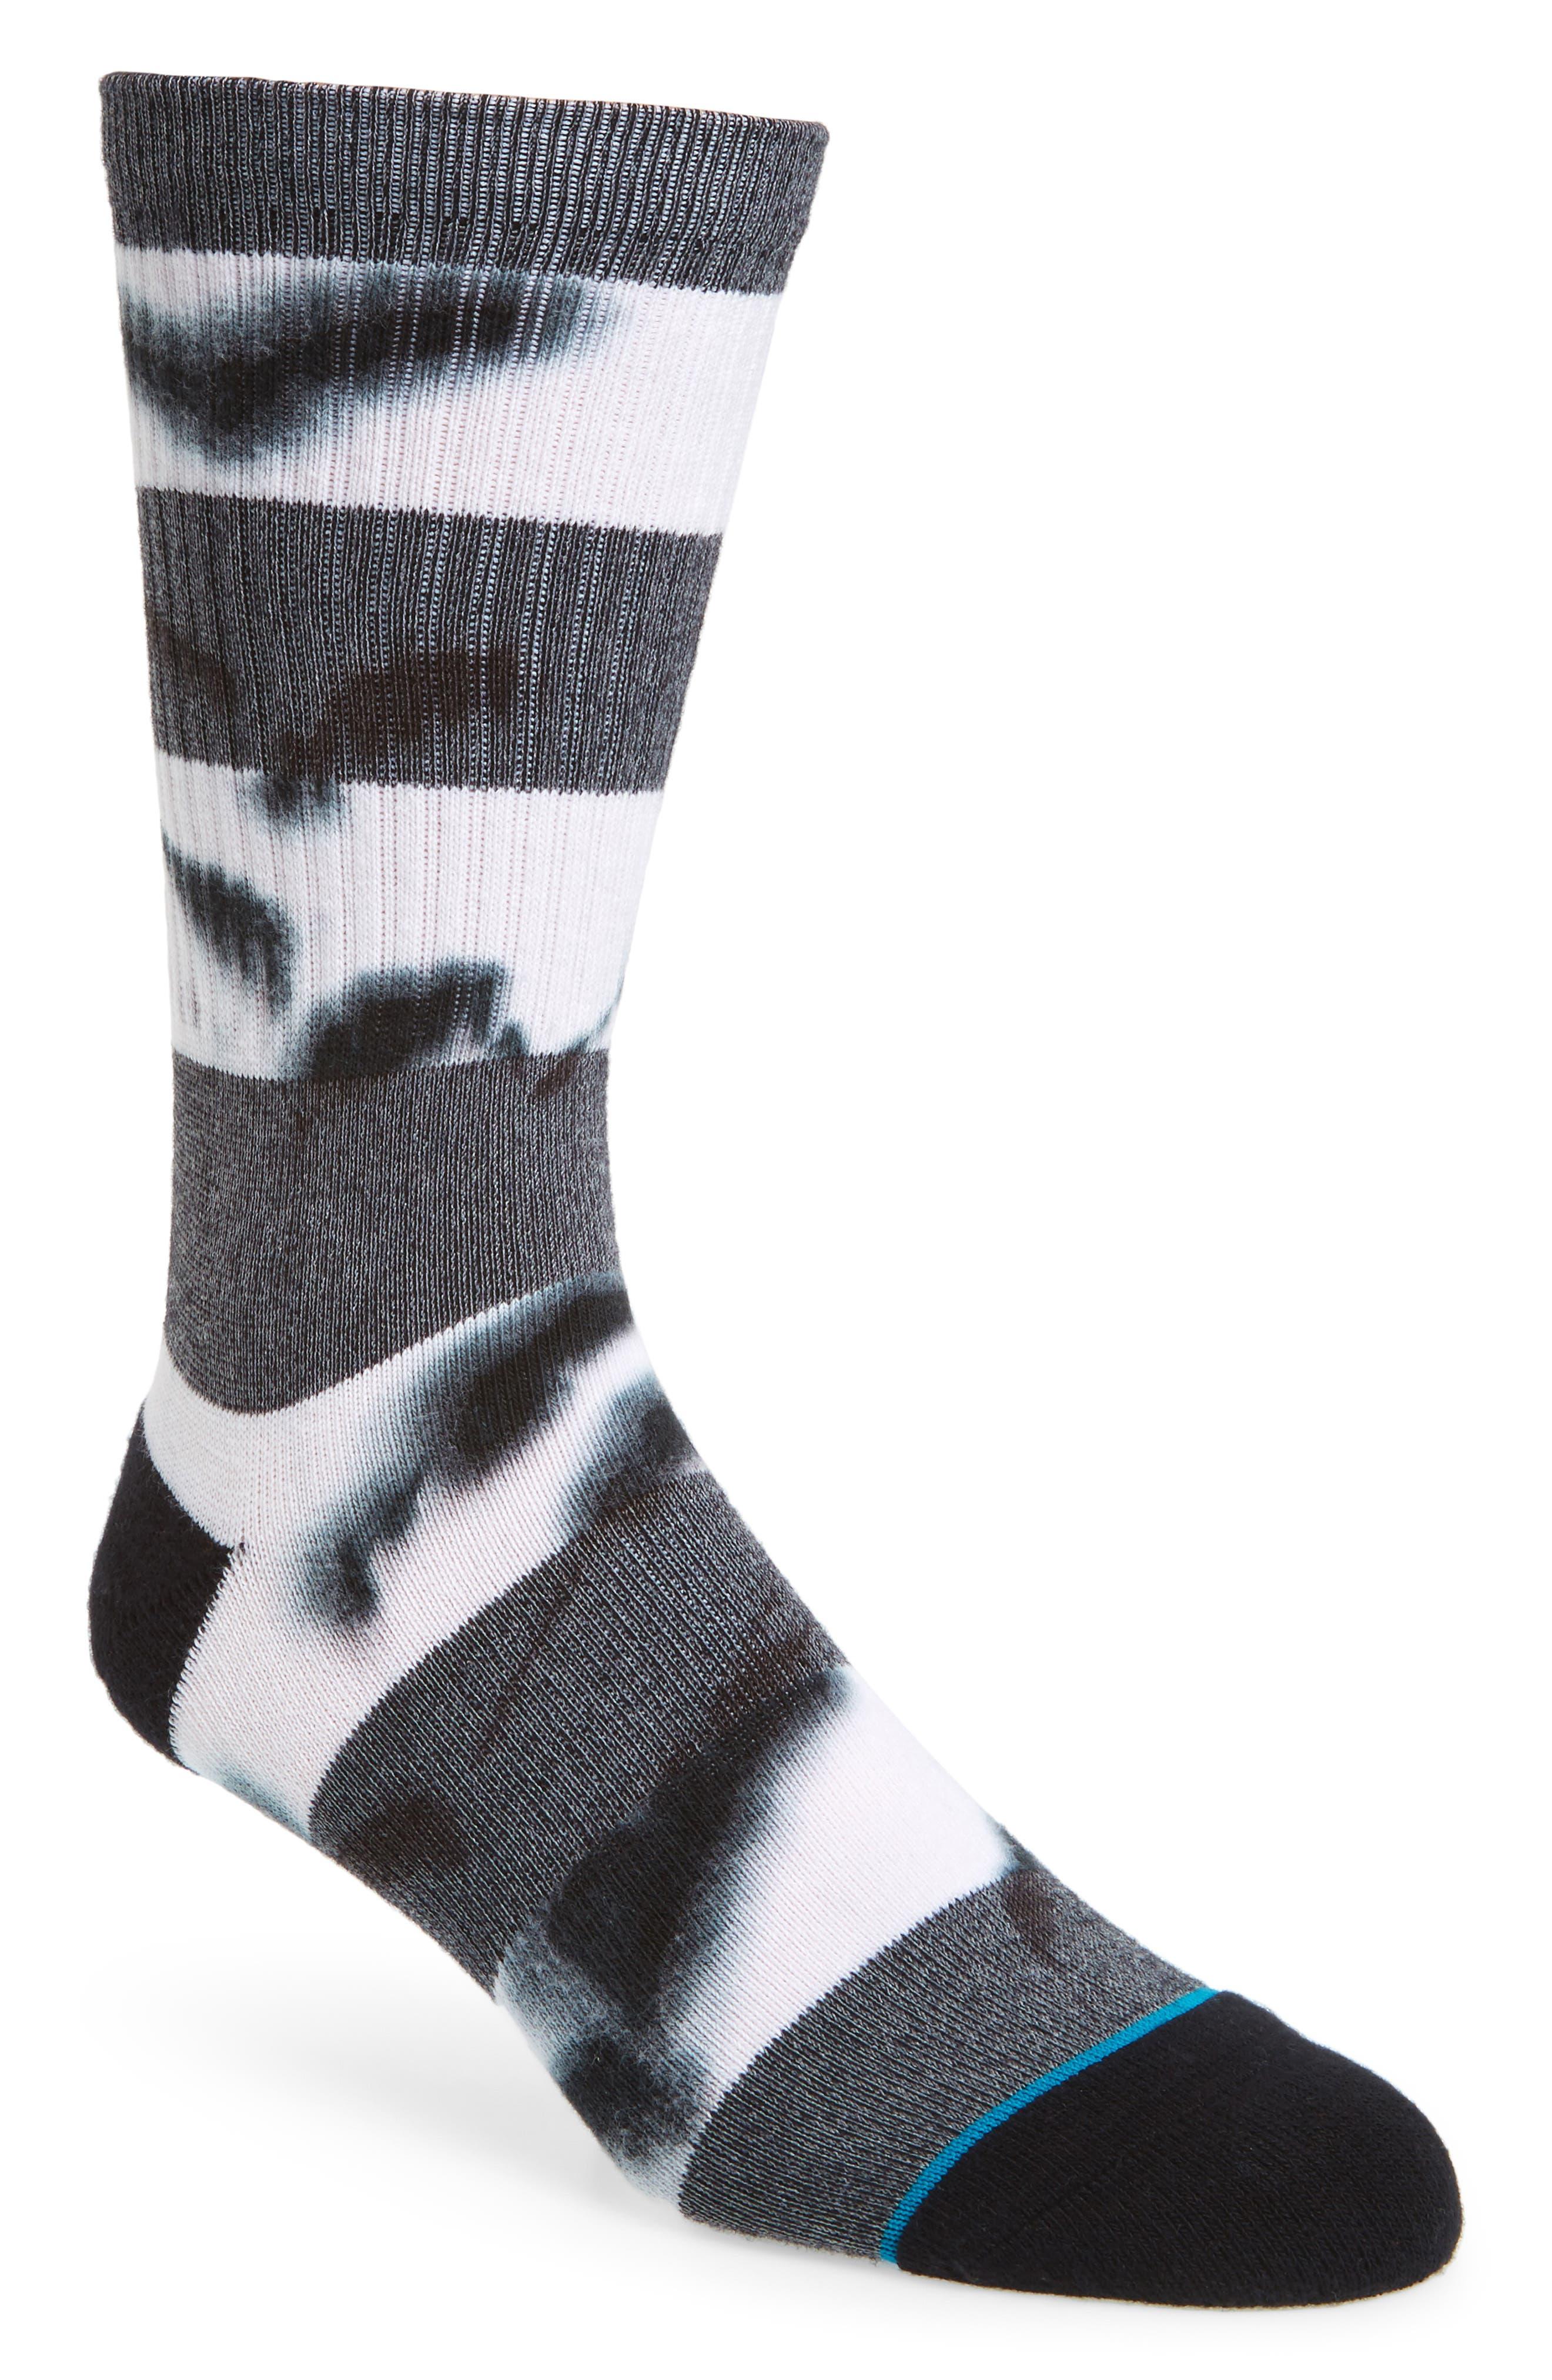 Emmer Socks,                             Main thumbnail 1, color,                             Black